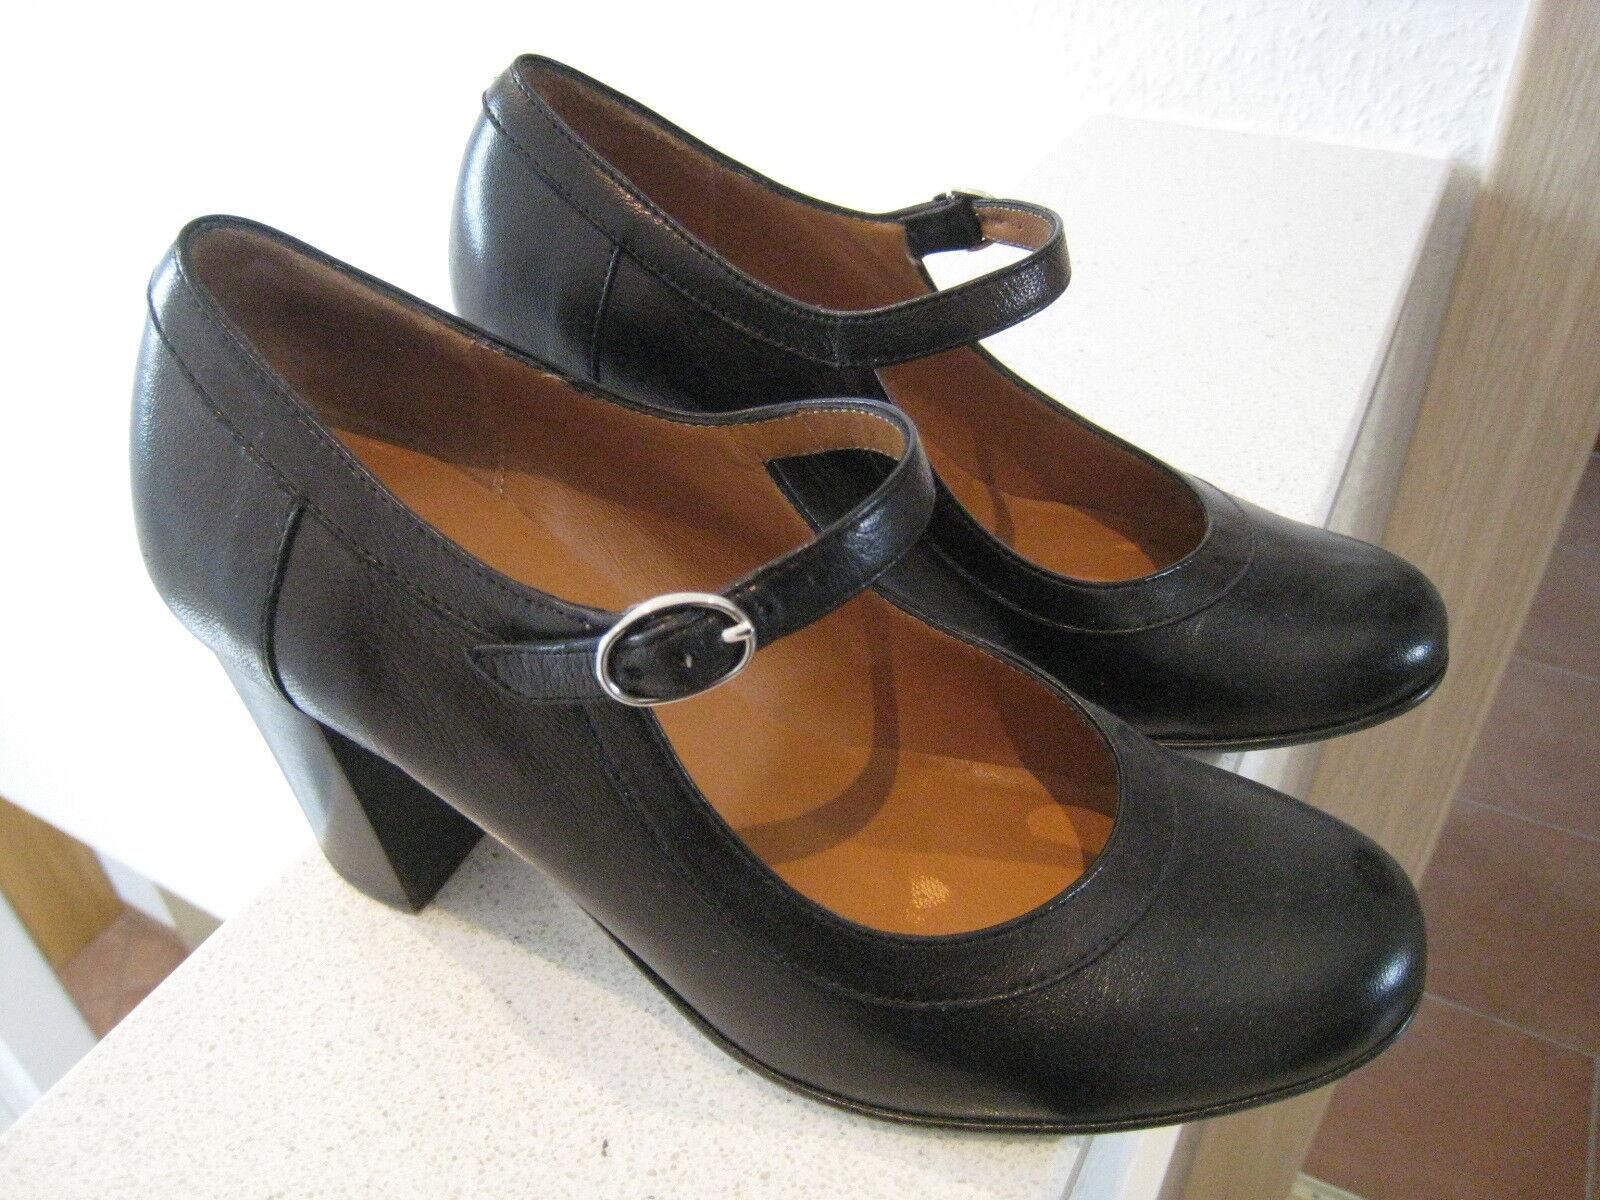 Schuhe Pumps 34 von Antonio, Venezia Gr 34 Pumps  schwarz Leder Top Zustand, wie NEU 243da2